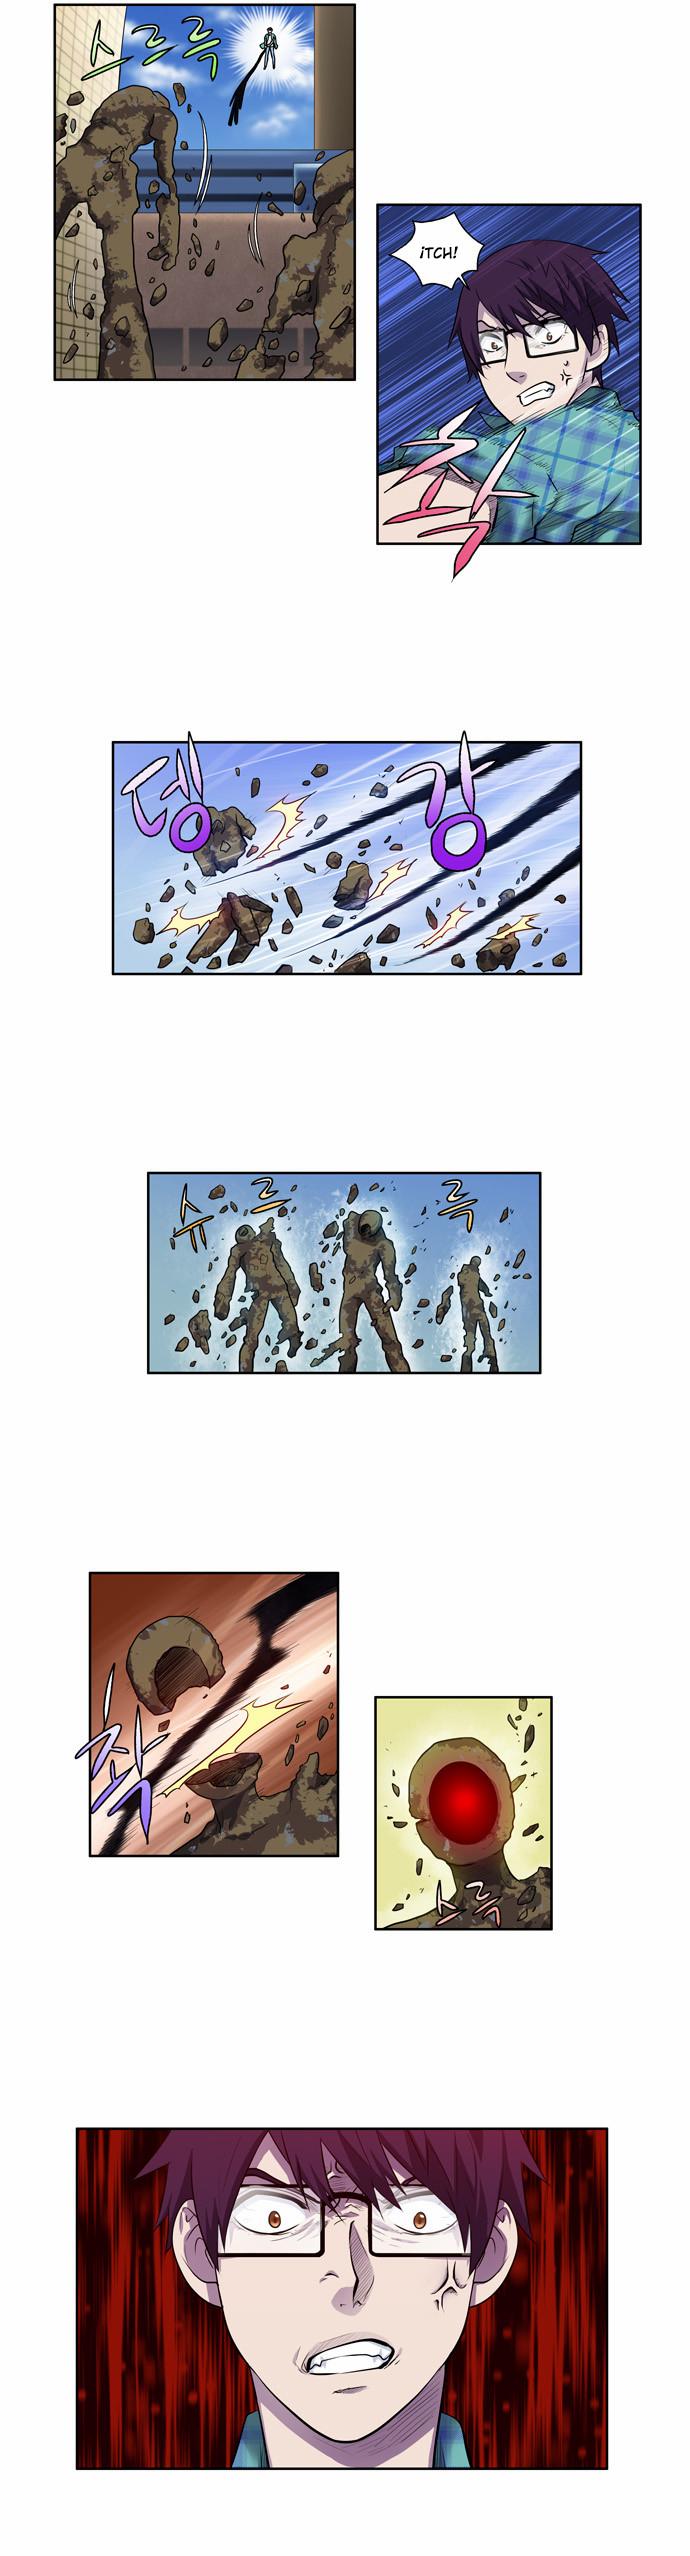 https://c5.ninemanga.com/es_manga/61/1725/439980/9358b44910198ad751961fc0a43c97a5.jpg Page 6